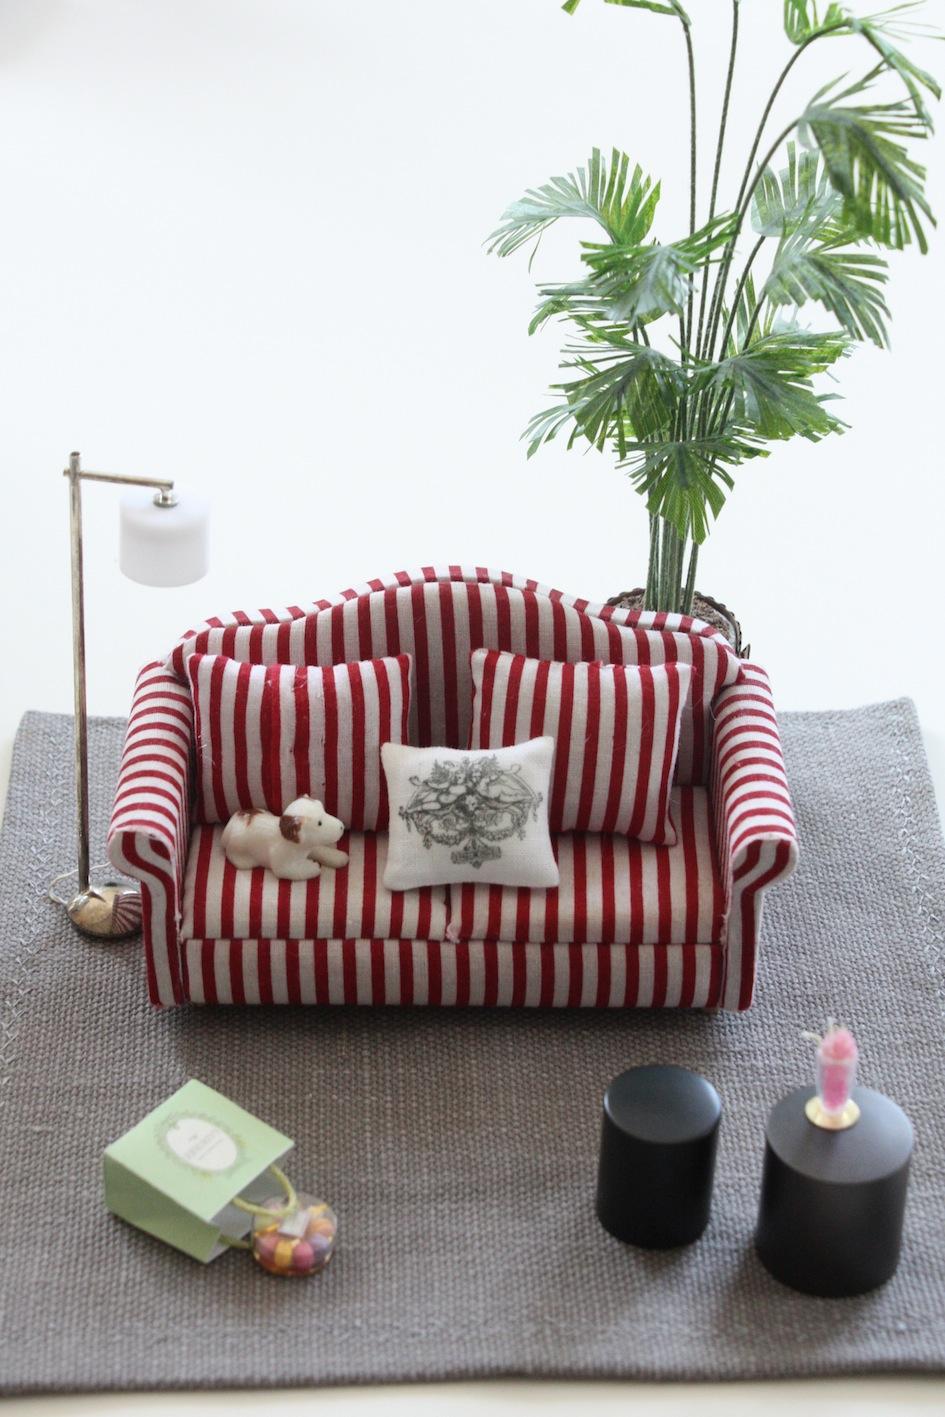 nouveaut s alin a meubles et deco le blog d co de mlc. Black Bedroom Furniture Sets. Home Design Ideas